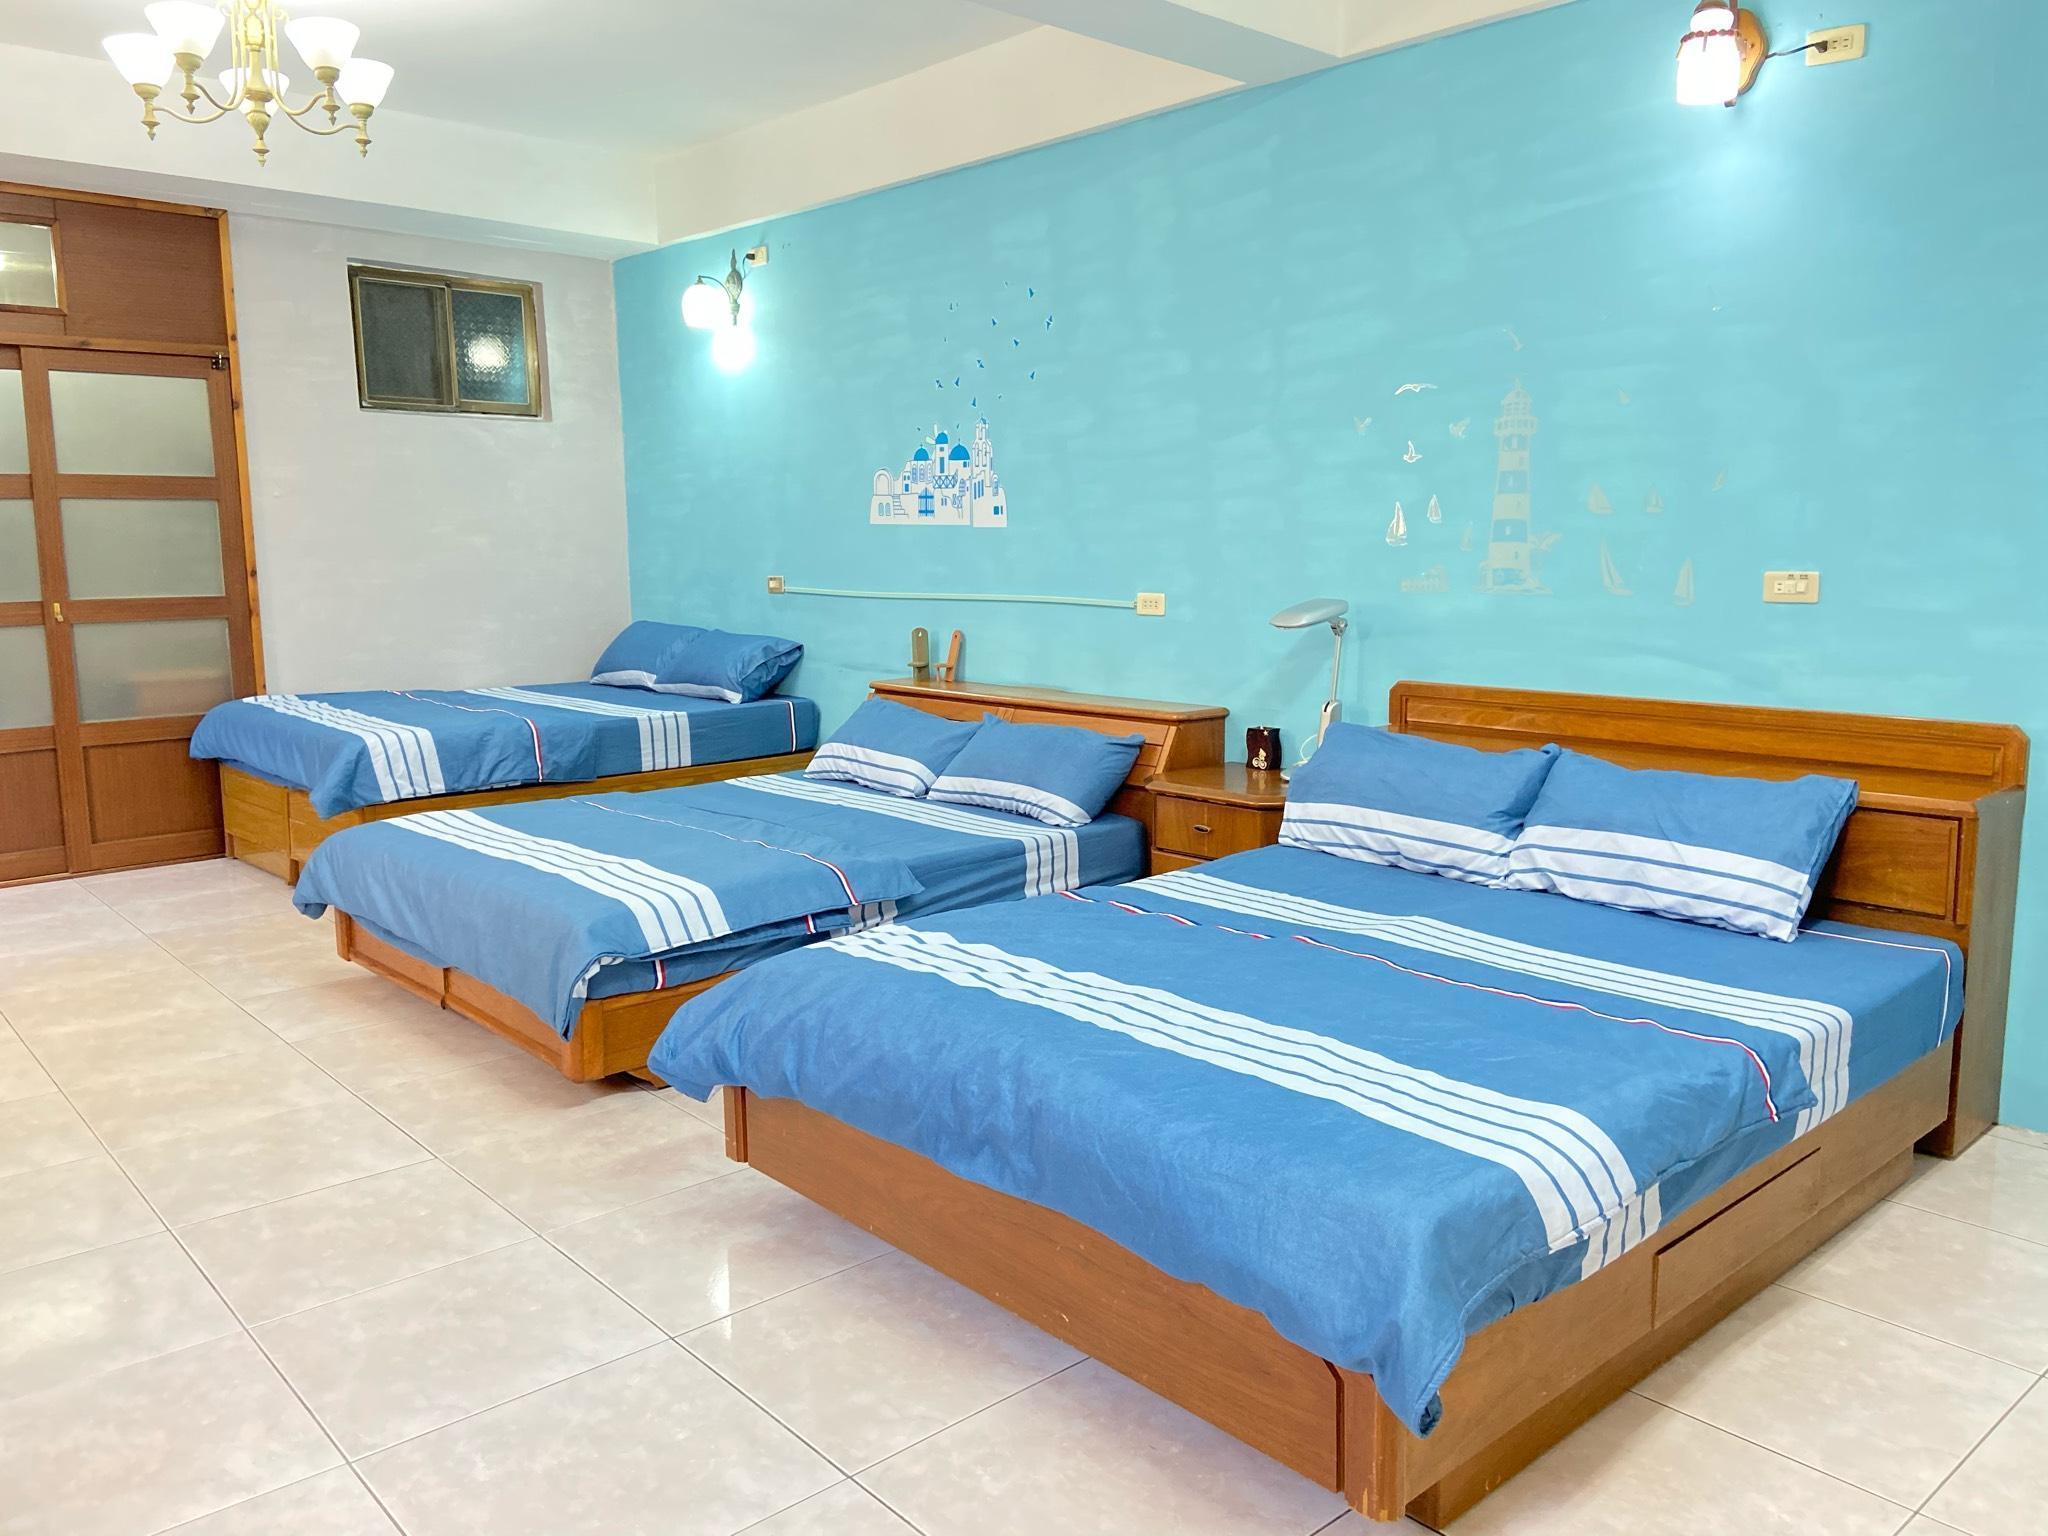 Root Residence Inn 23. Room